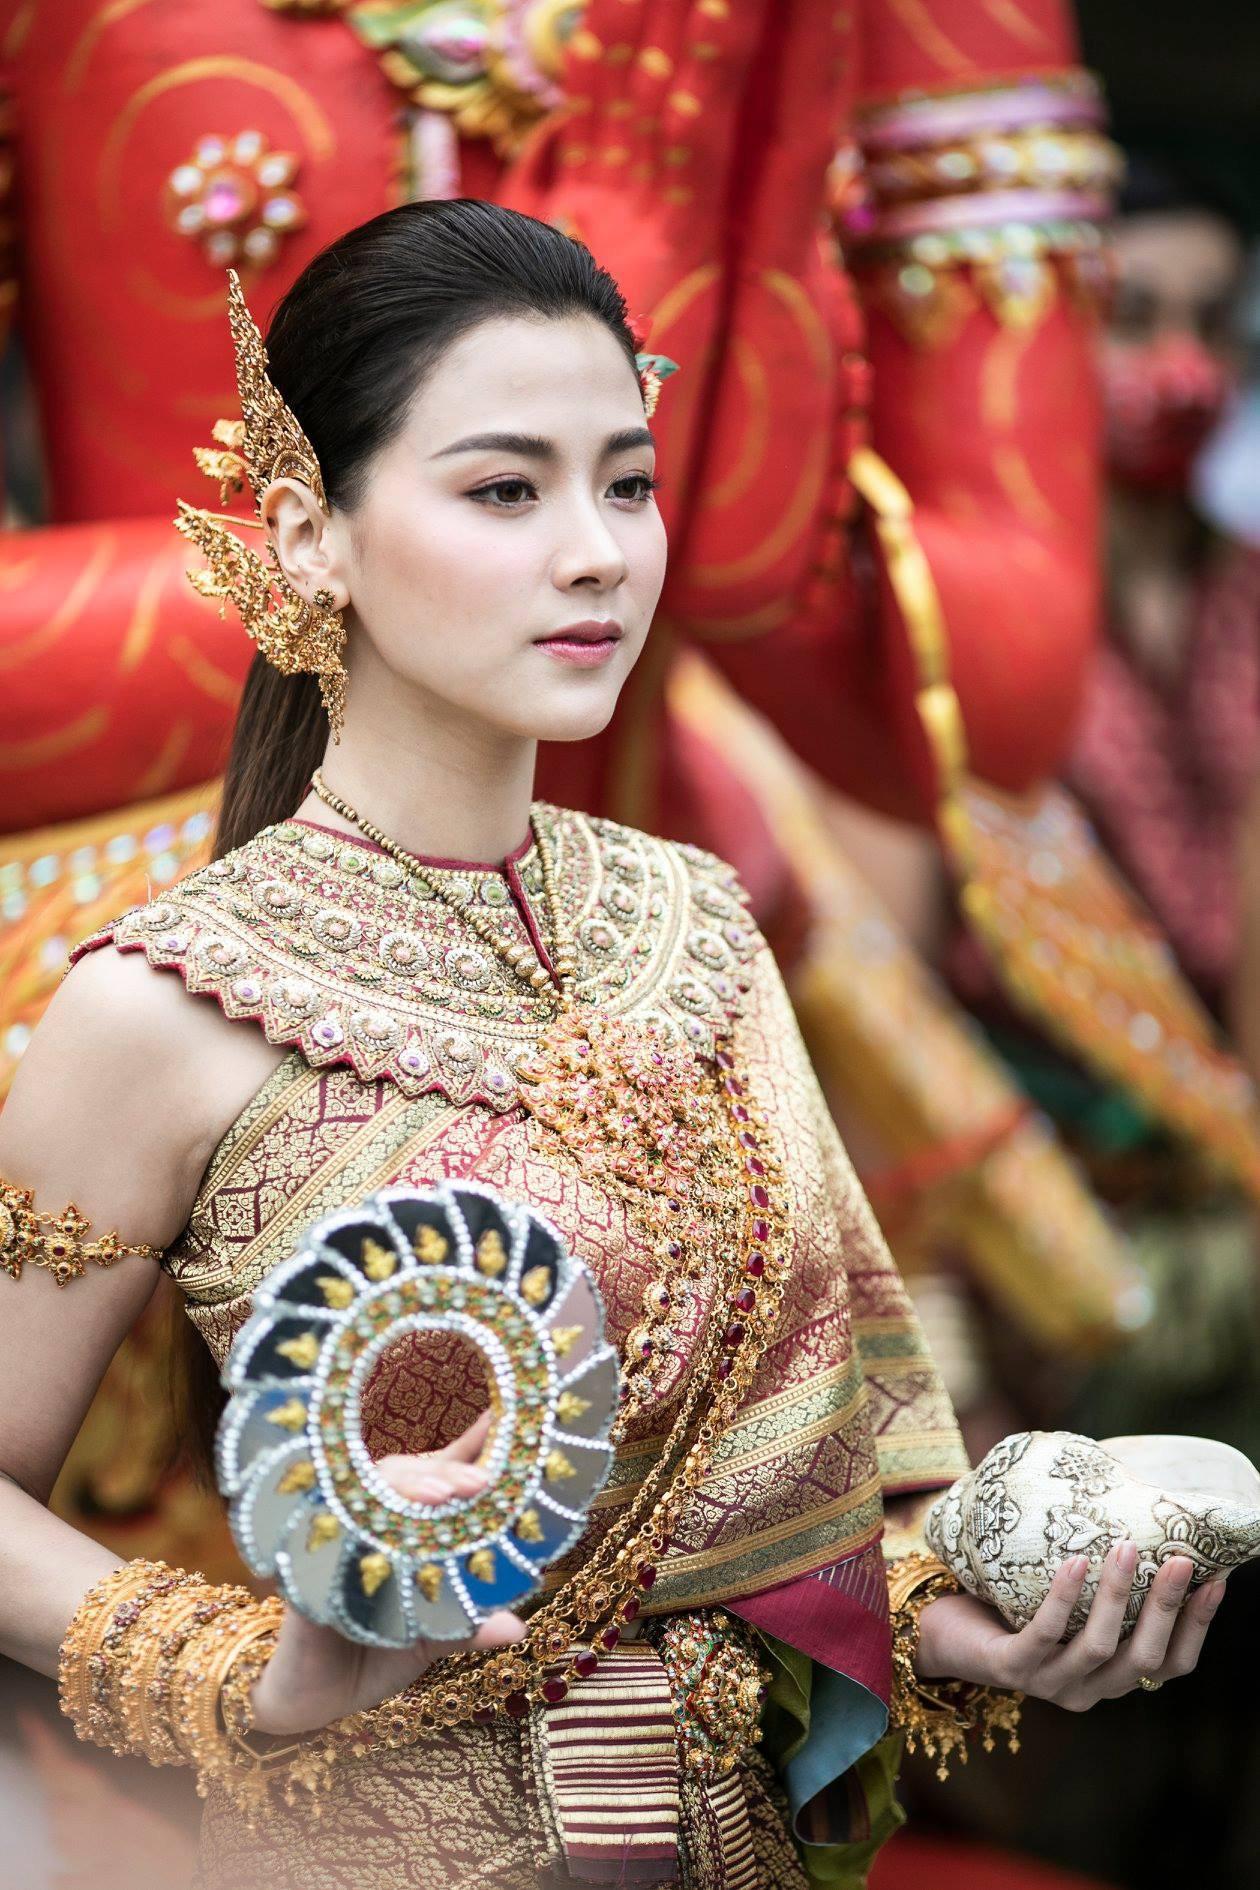 Dân tình náo loạn với nhan sắc cực phẩm của nữ thần Thungsa trong lễ Songkran 2019 tại Thái Lan - Ảnh 3.